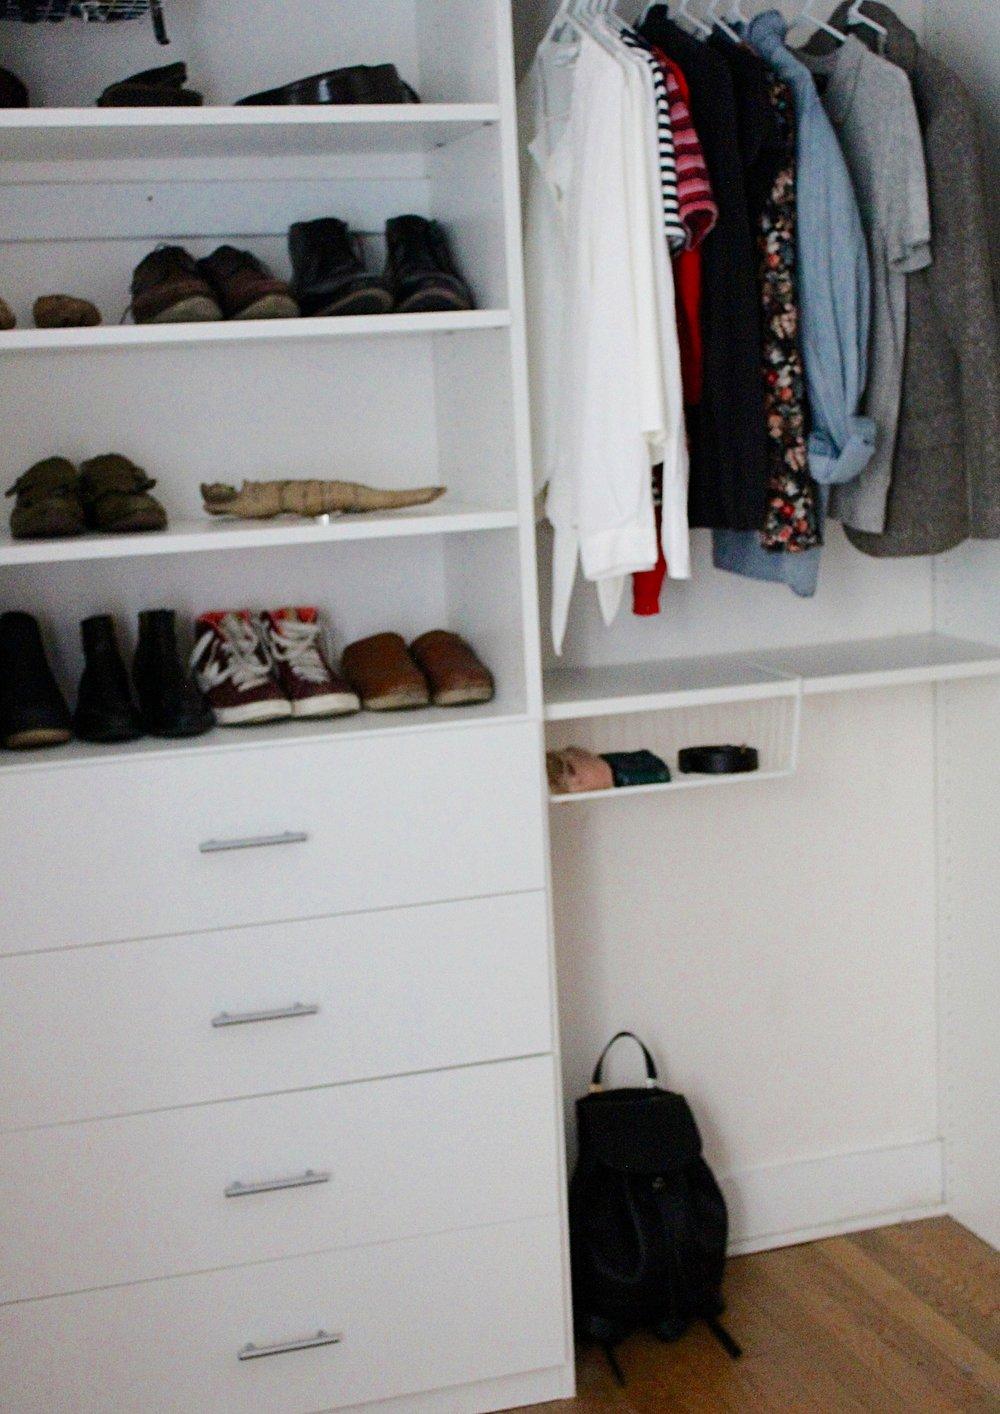 My 33-item capsule closet